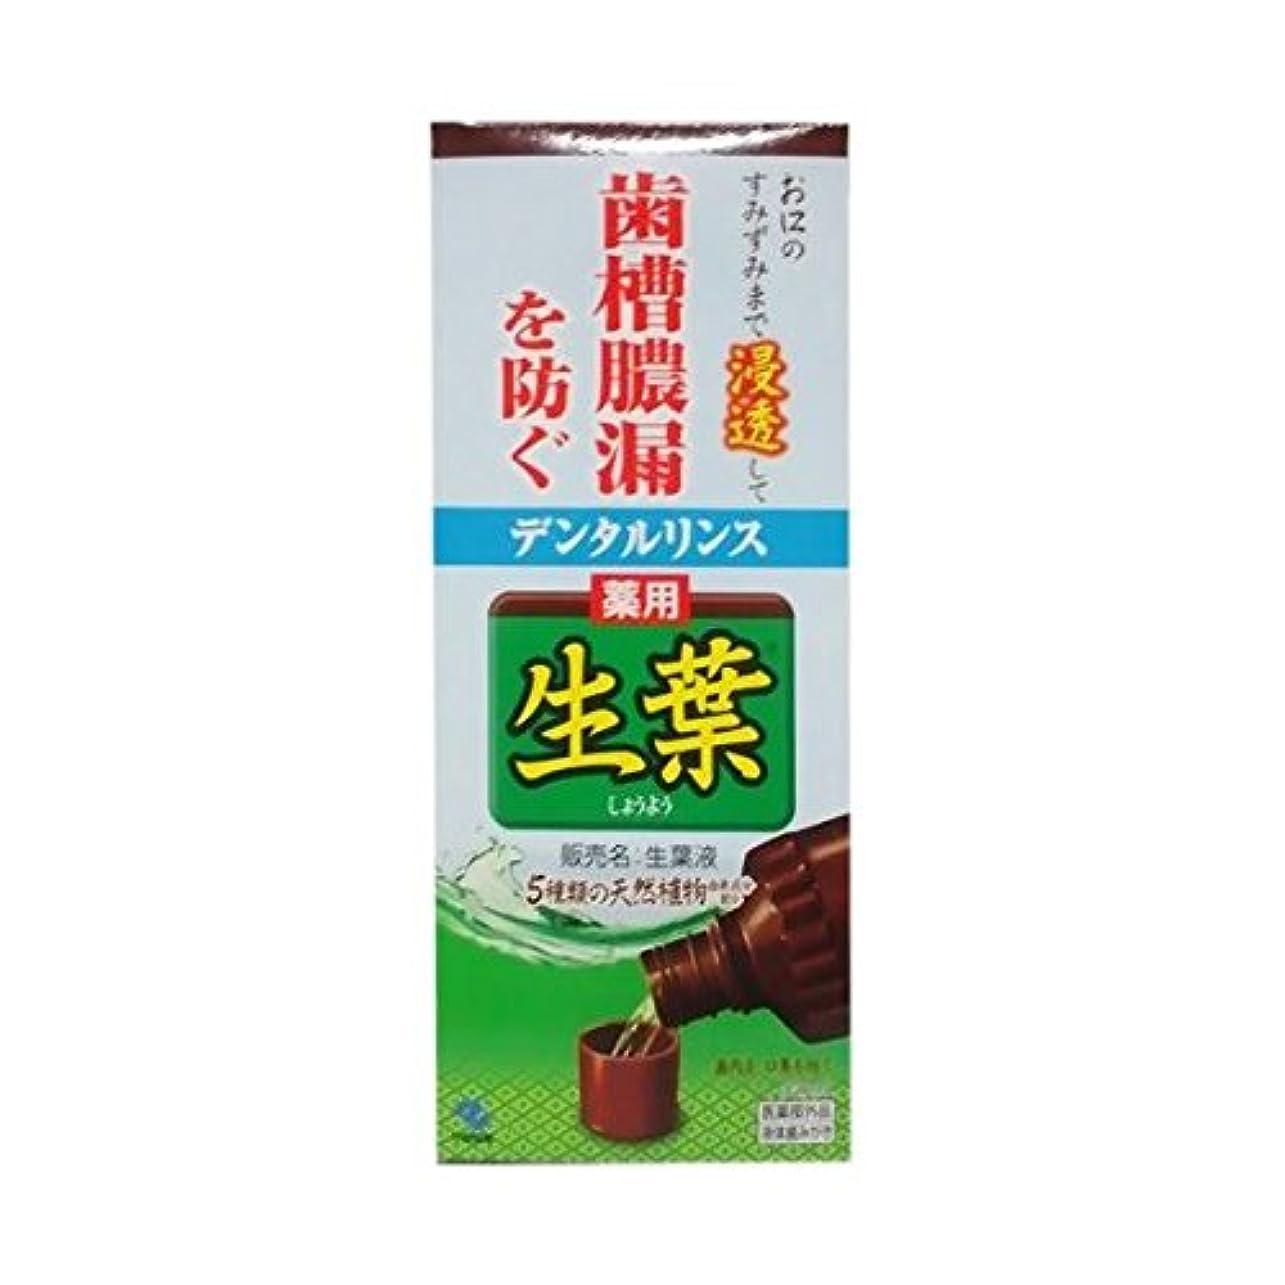 ラウンジ縁石ヒギンズ【お徳用 3 セット】 薬用 生葉液 330ml×3セット